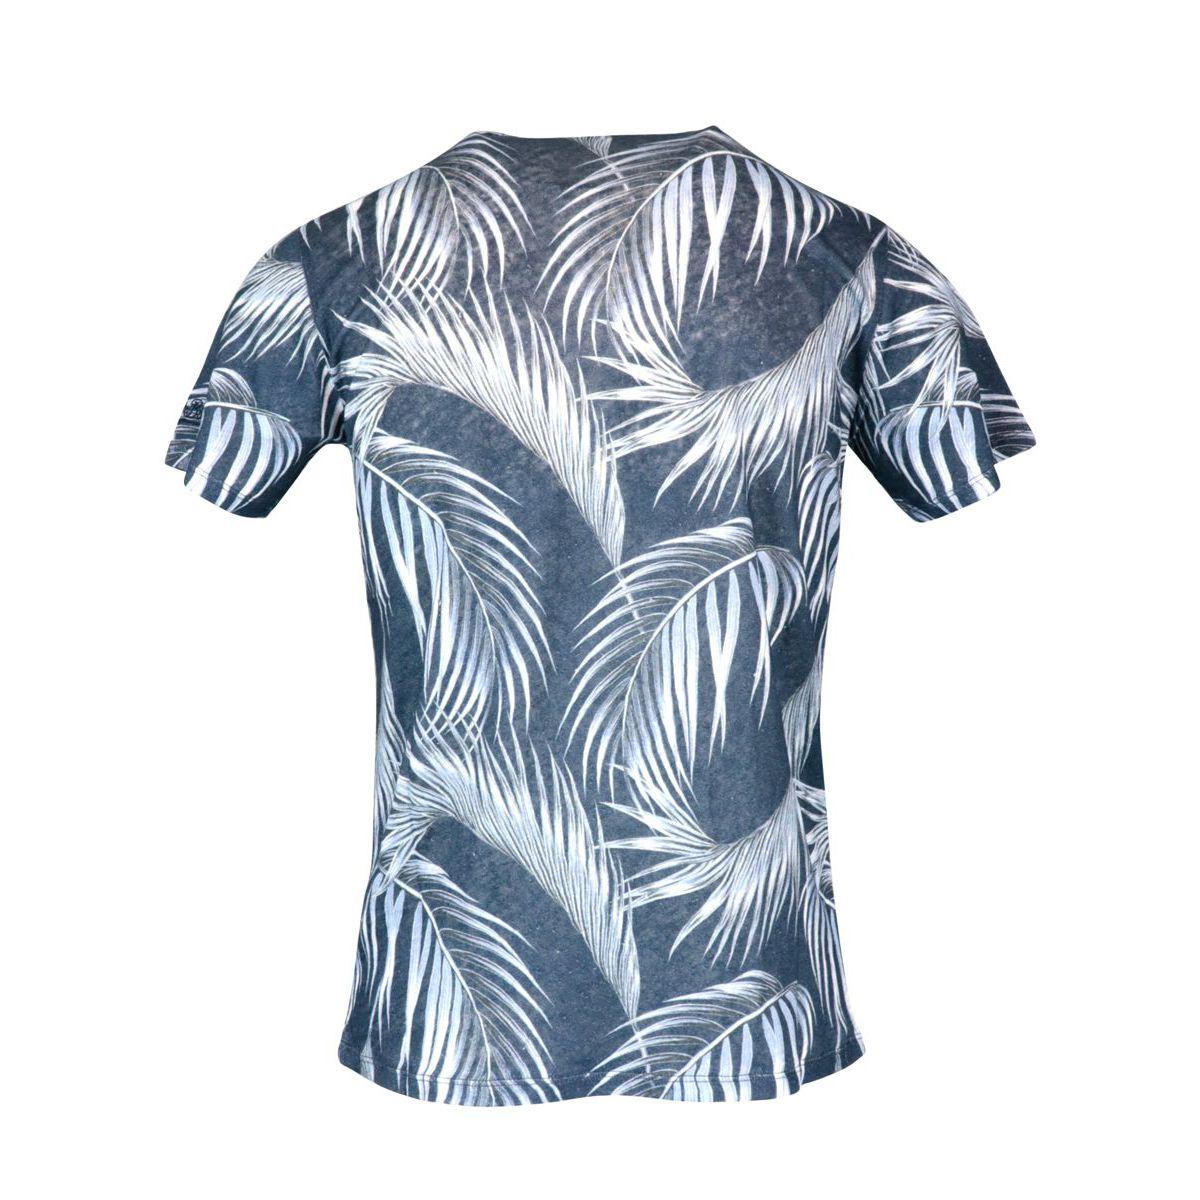 Calm Palm 61 linen T-shirt Blue MC2 Saint Barth